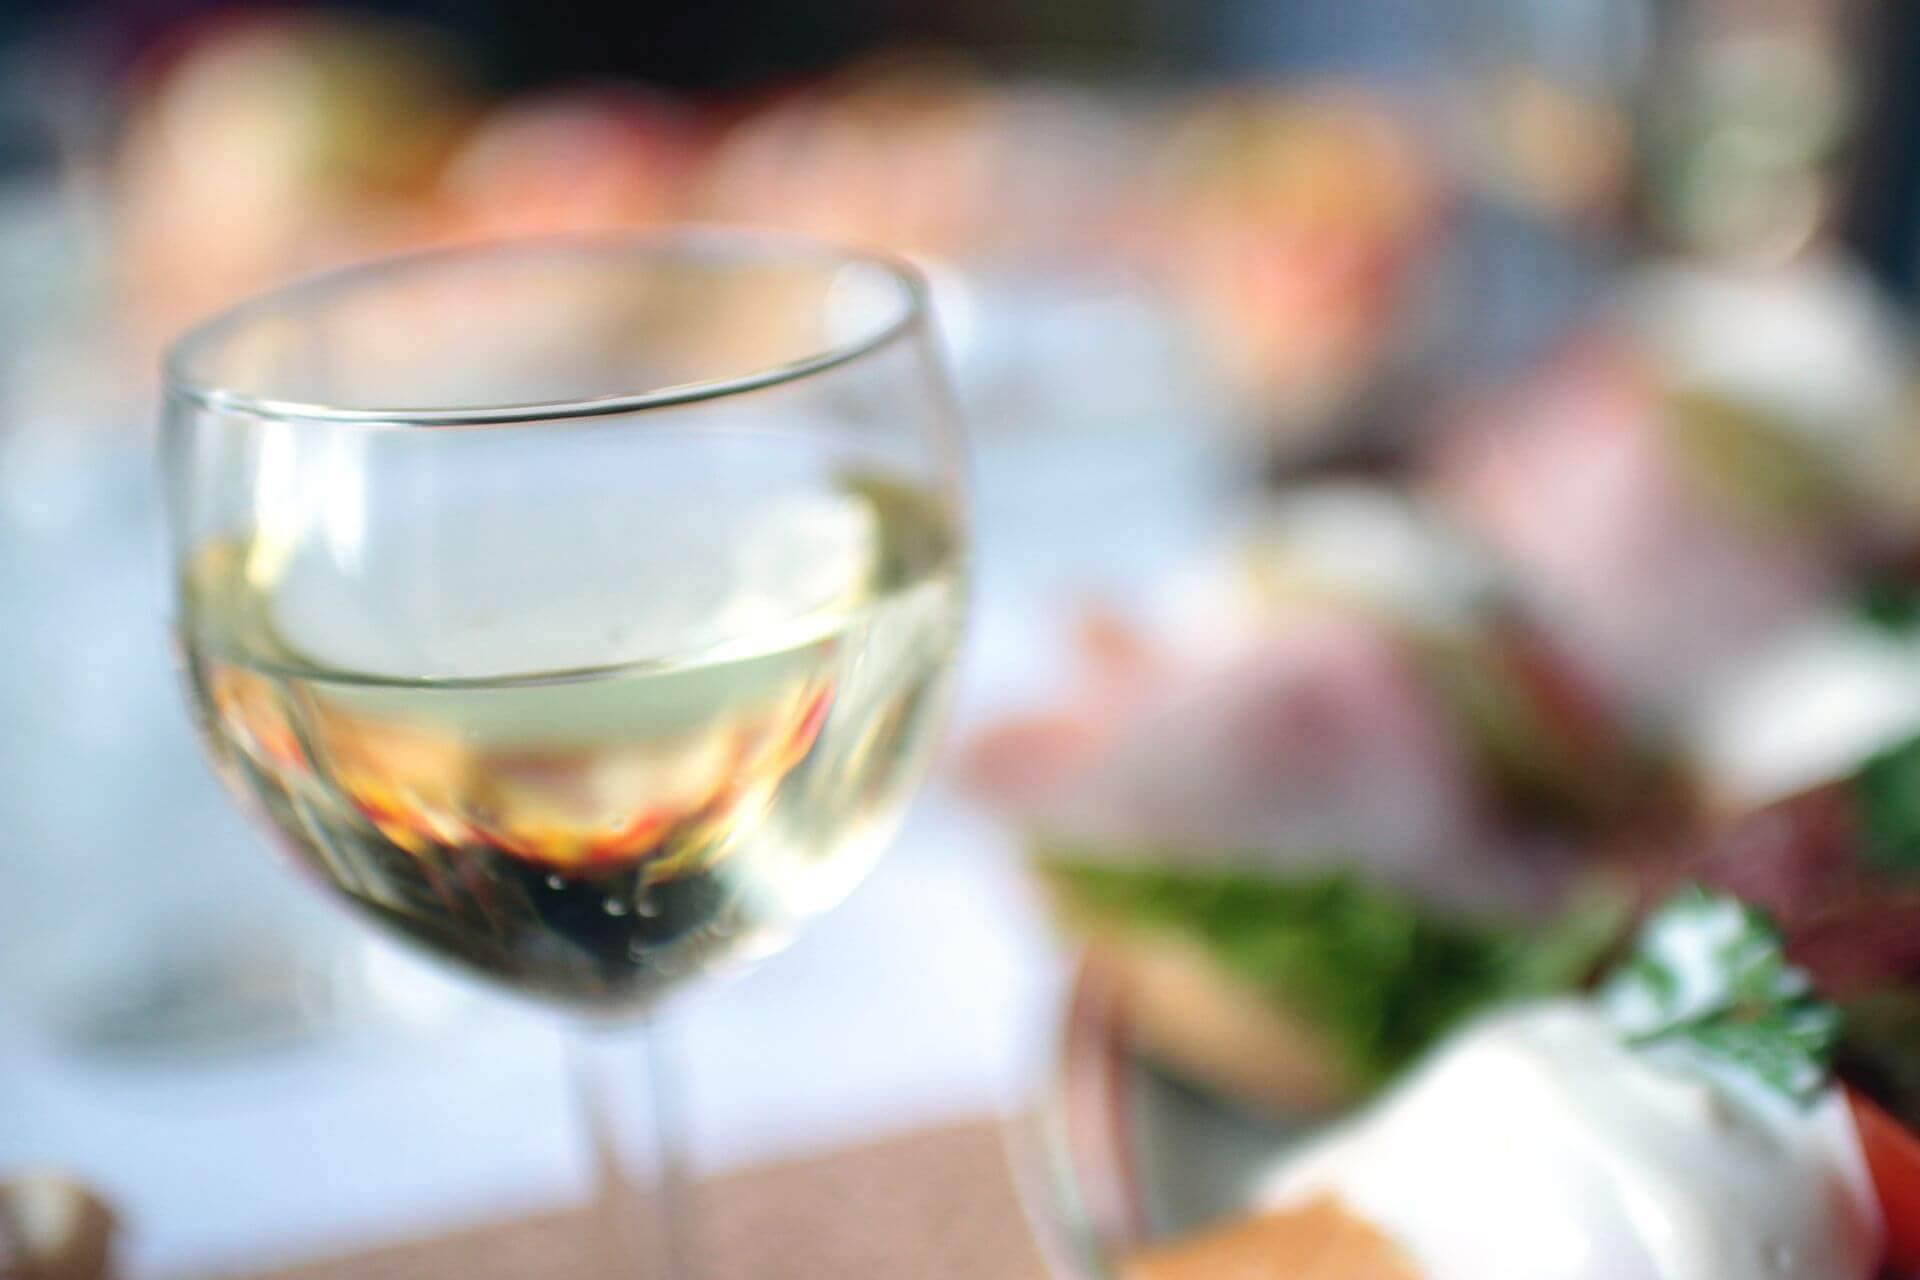 wine-09-1920-1280